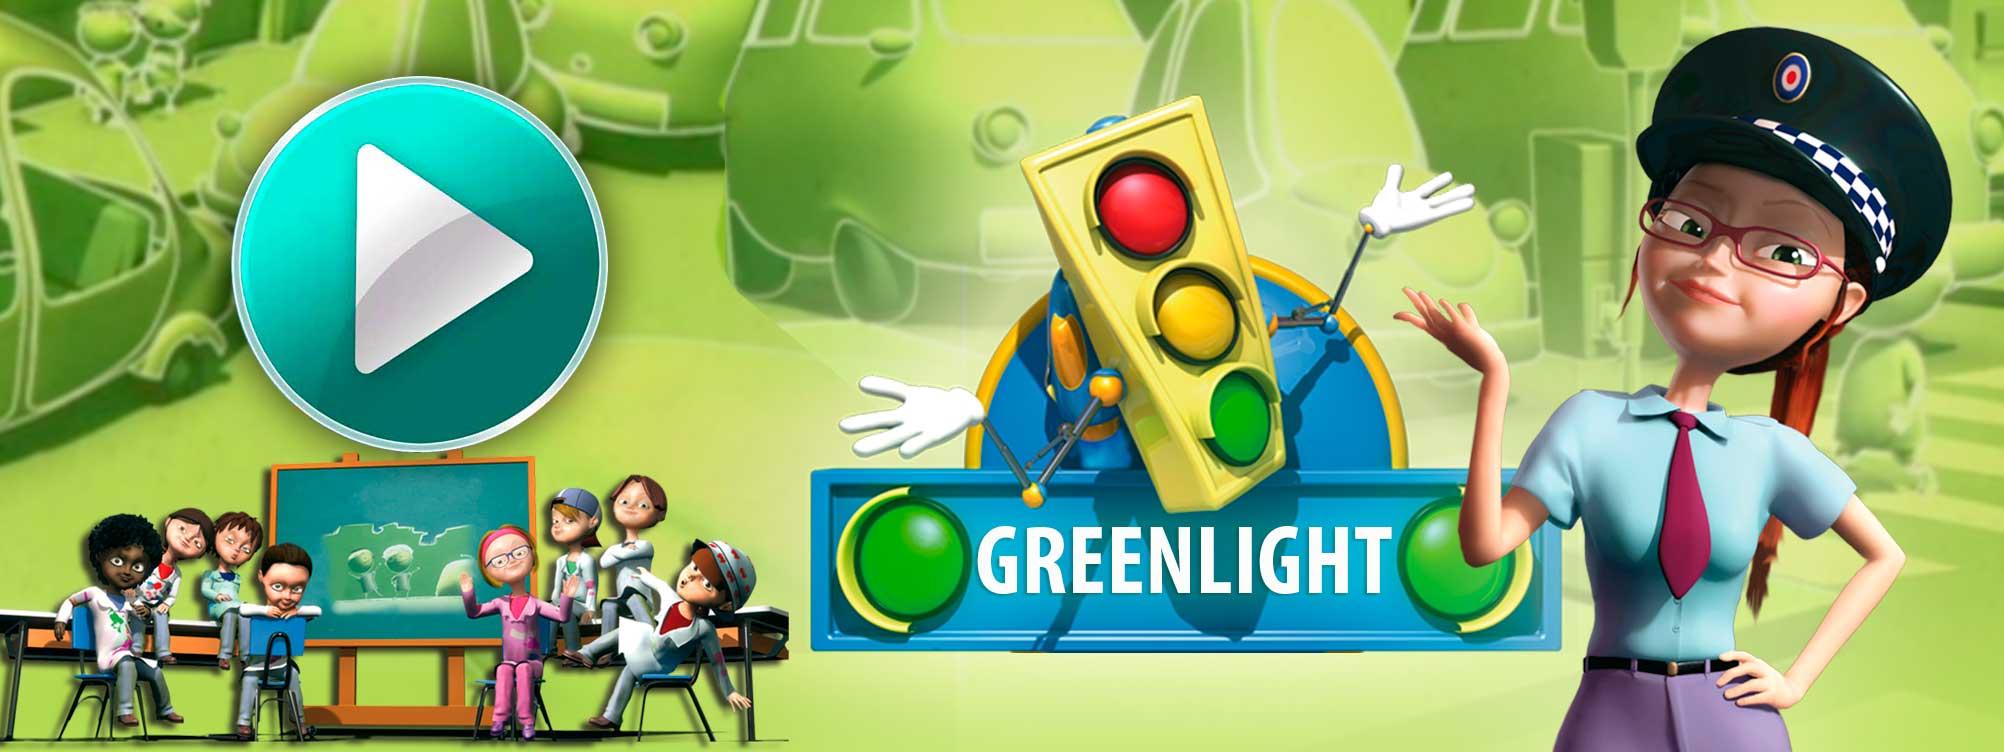 GreenLight Dibujos de Educación Vial